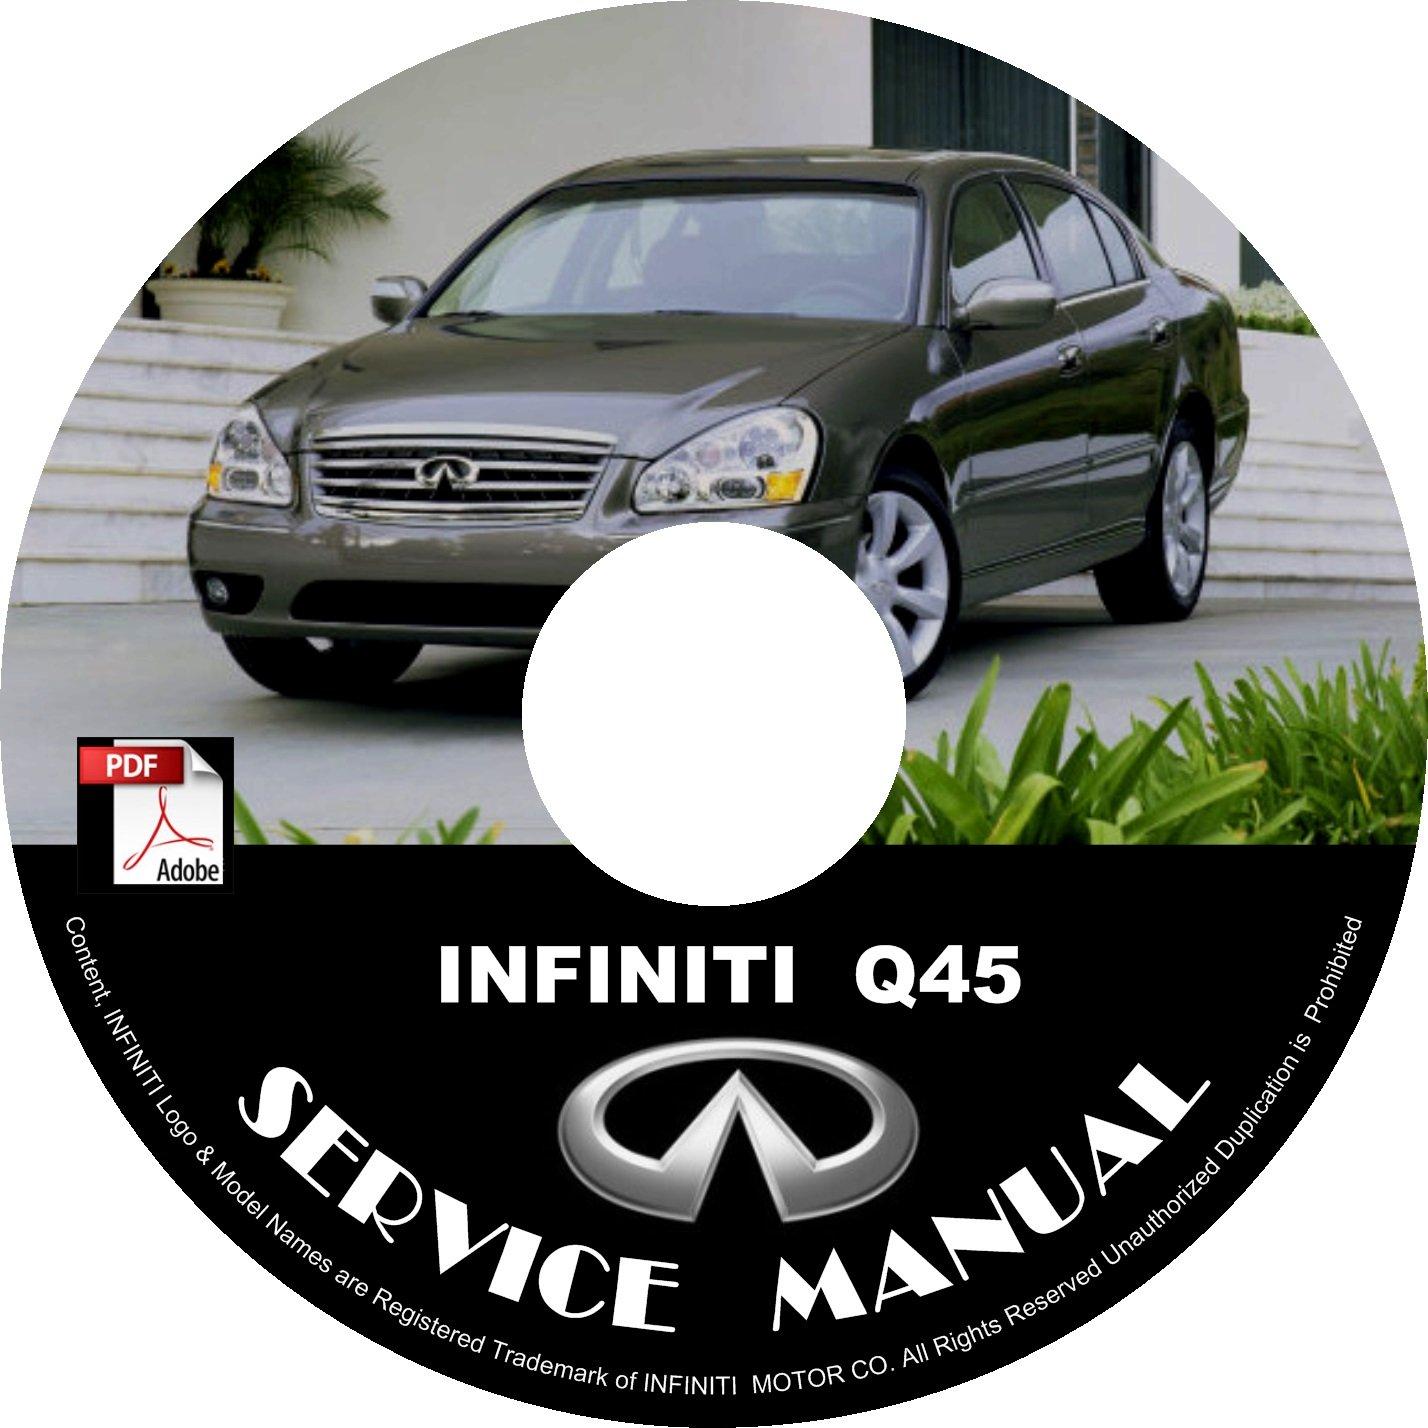 2004 Infiniti Q45 Factory Service Repair Shop Manual on CD Fix Repair Rebuild 04 Workshop Guide